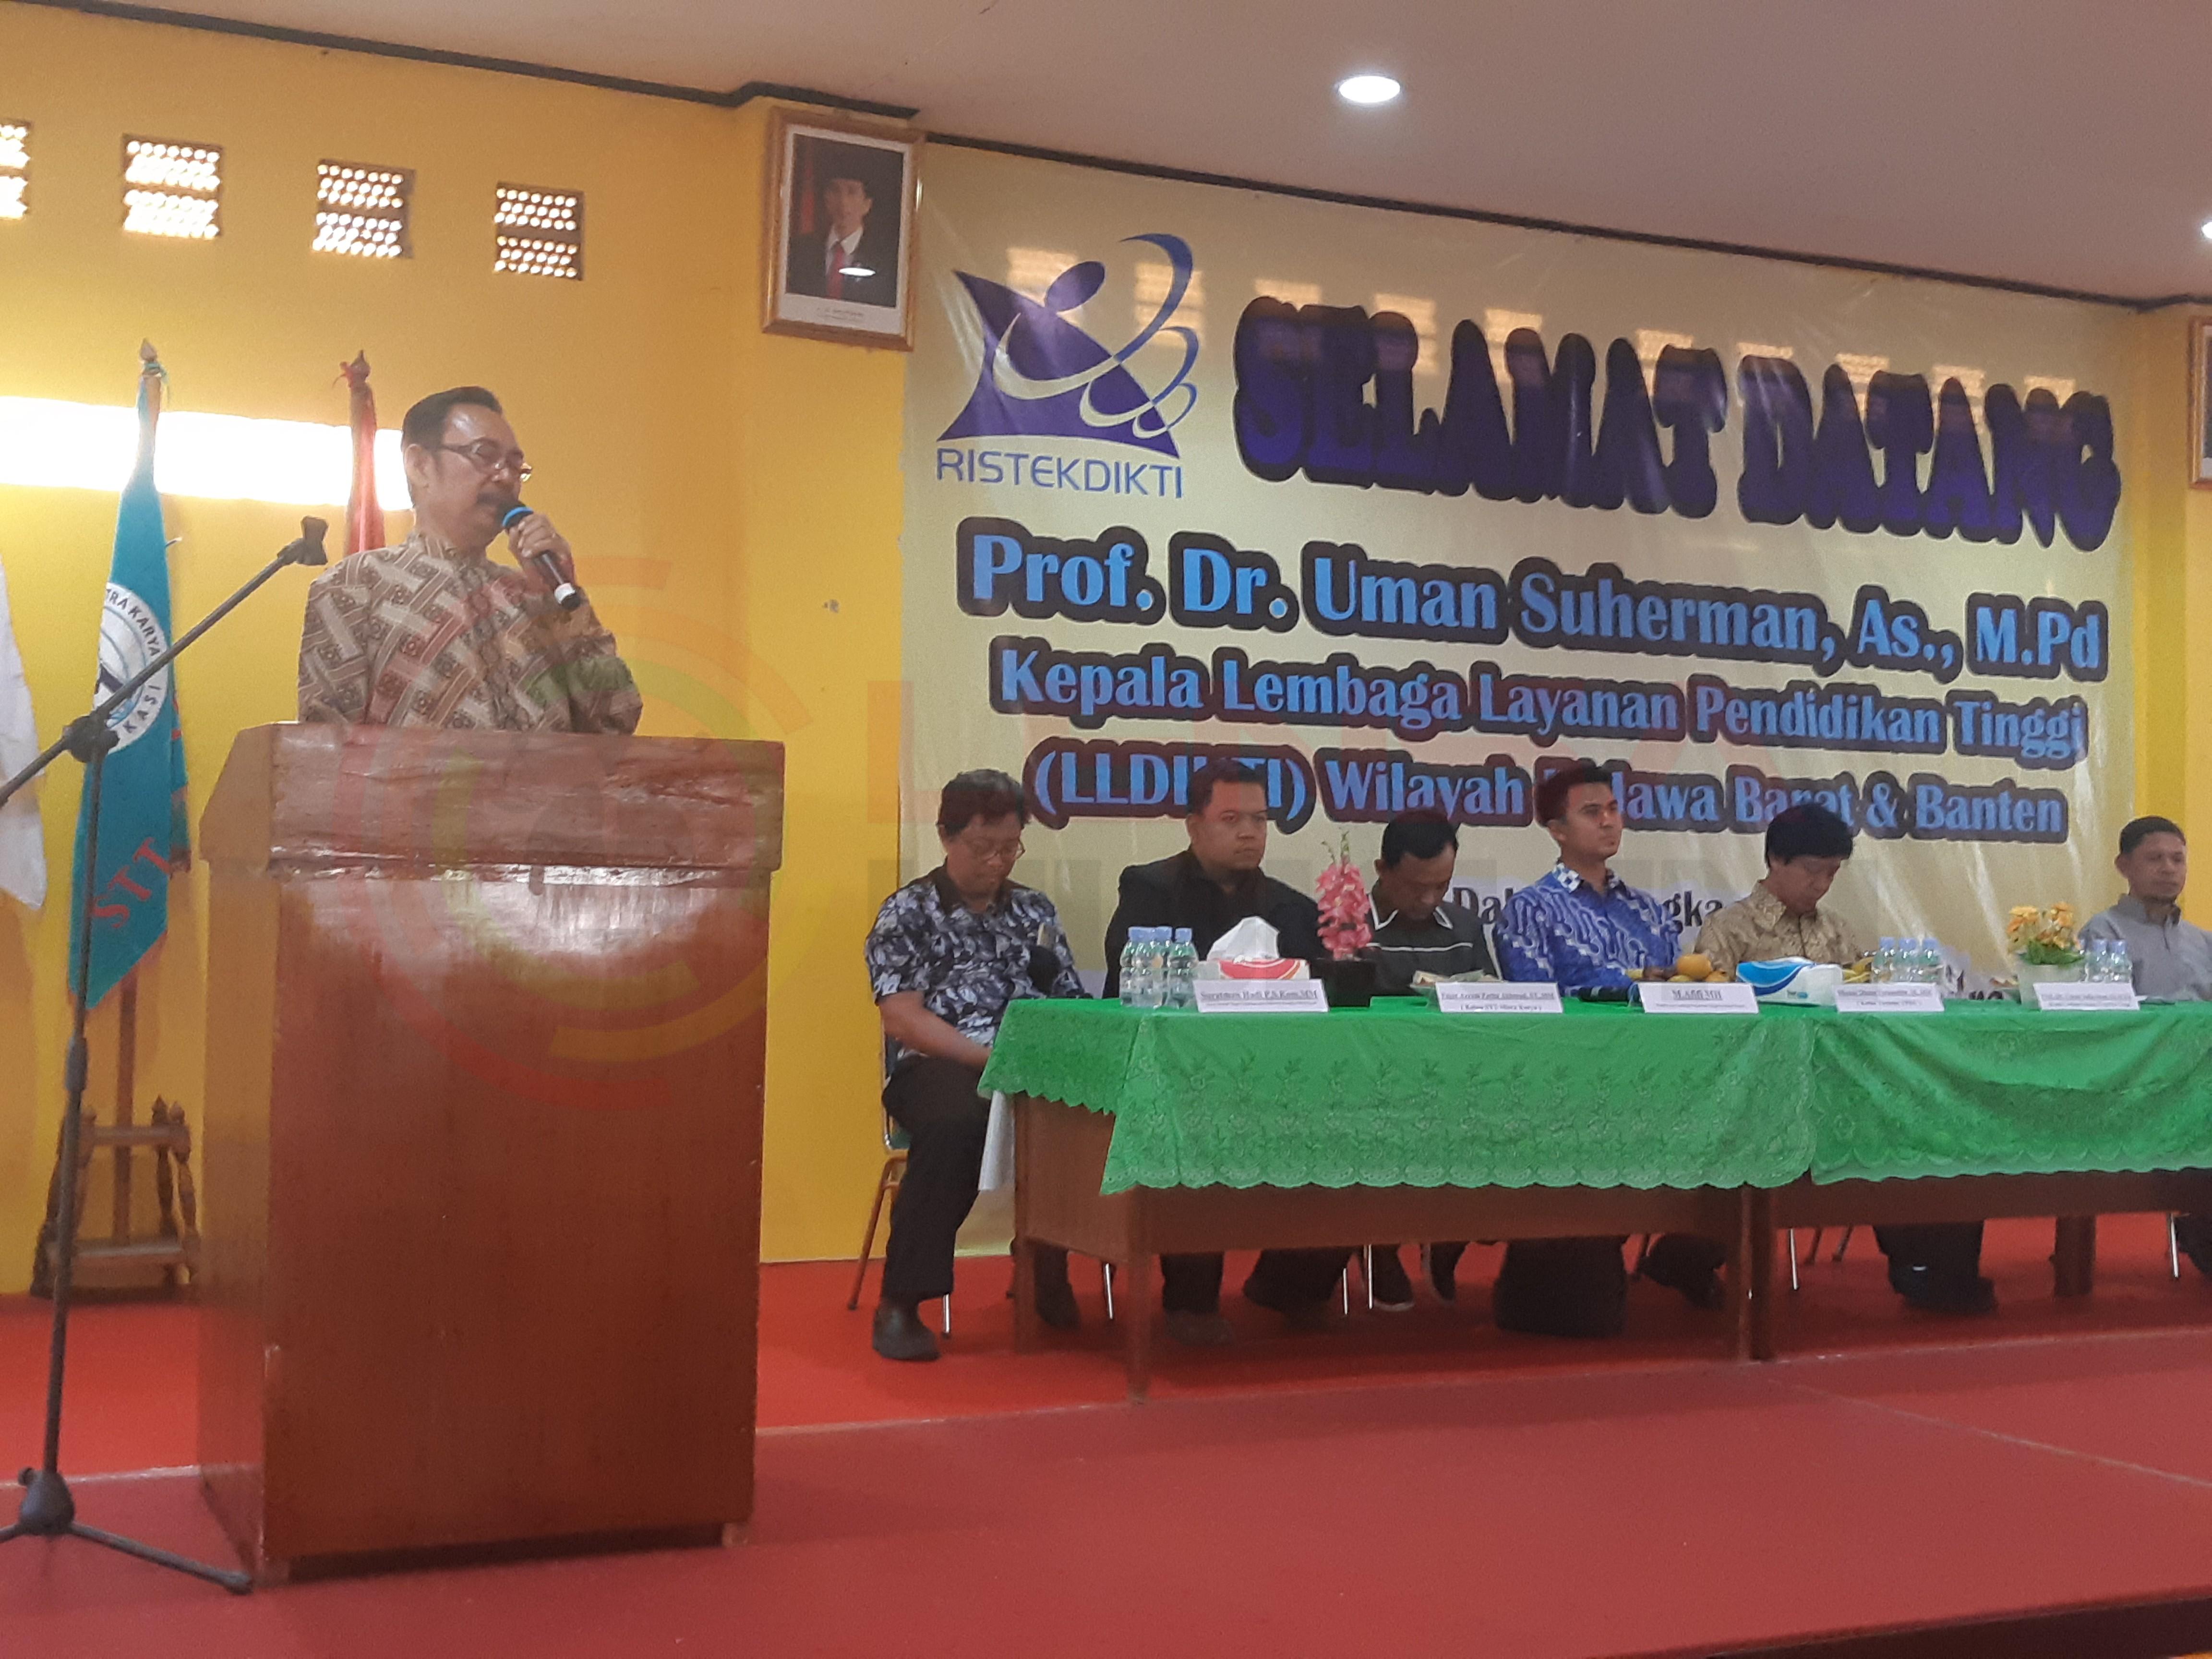 LensaHukum.co.id - 20190806 162516 - Prof.Dr.Uman Suherman AS.Mpd,Mengesahkan ijin Operasional Universitas Mitra Karya